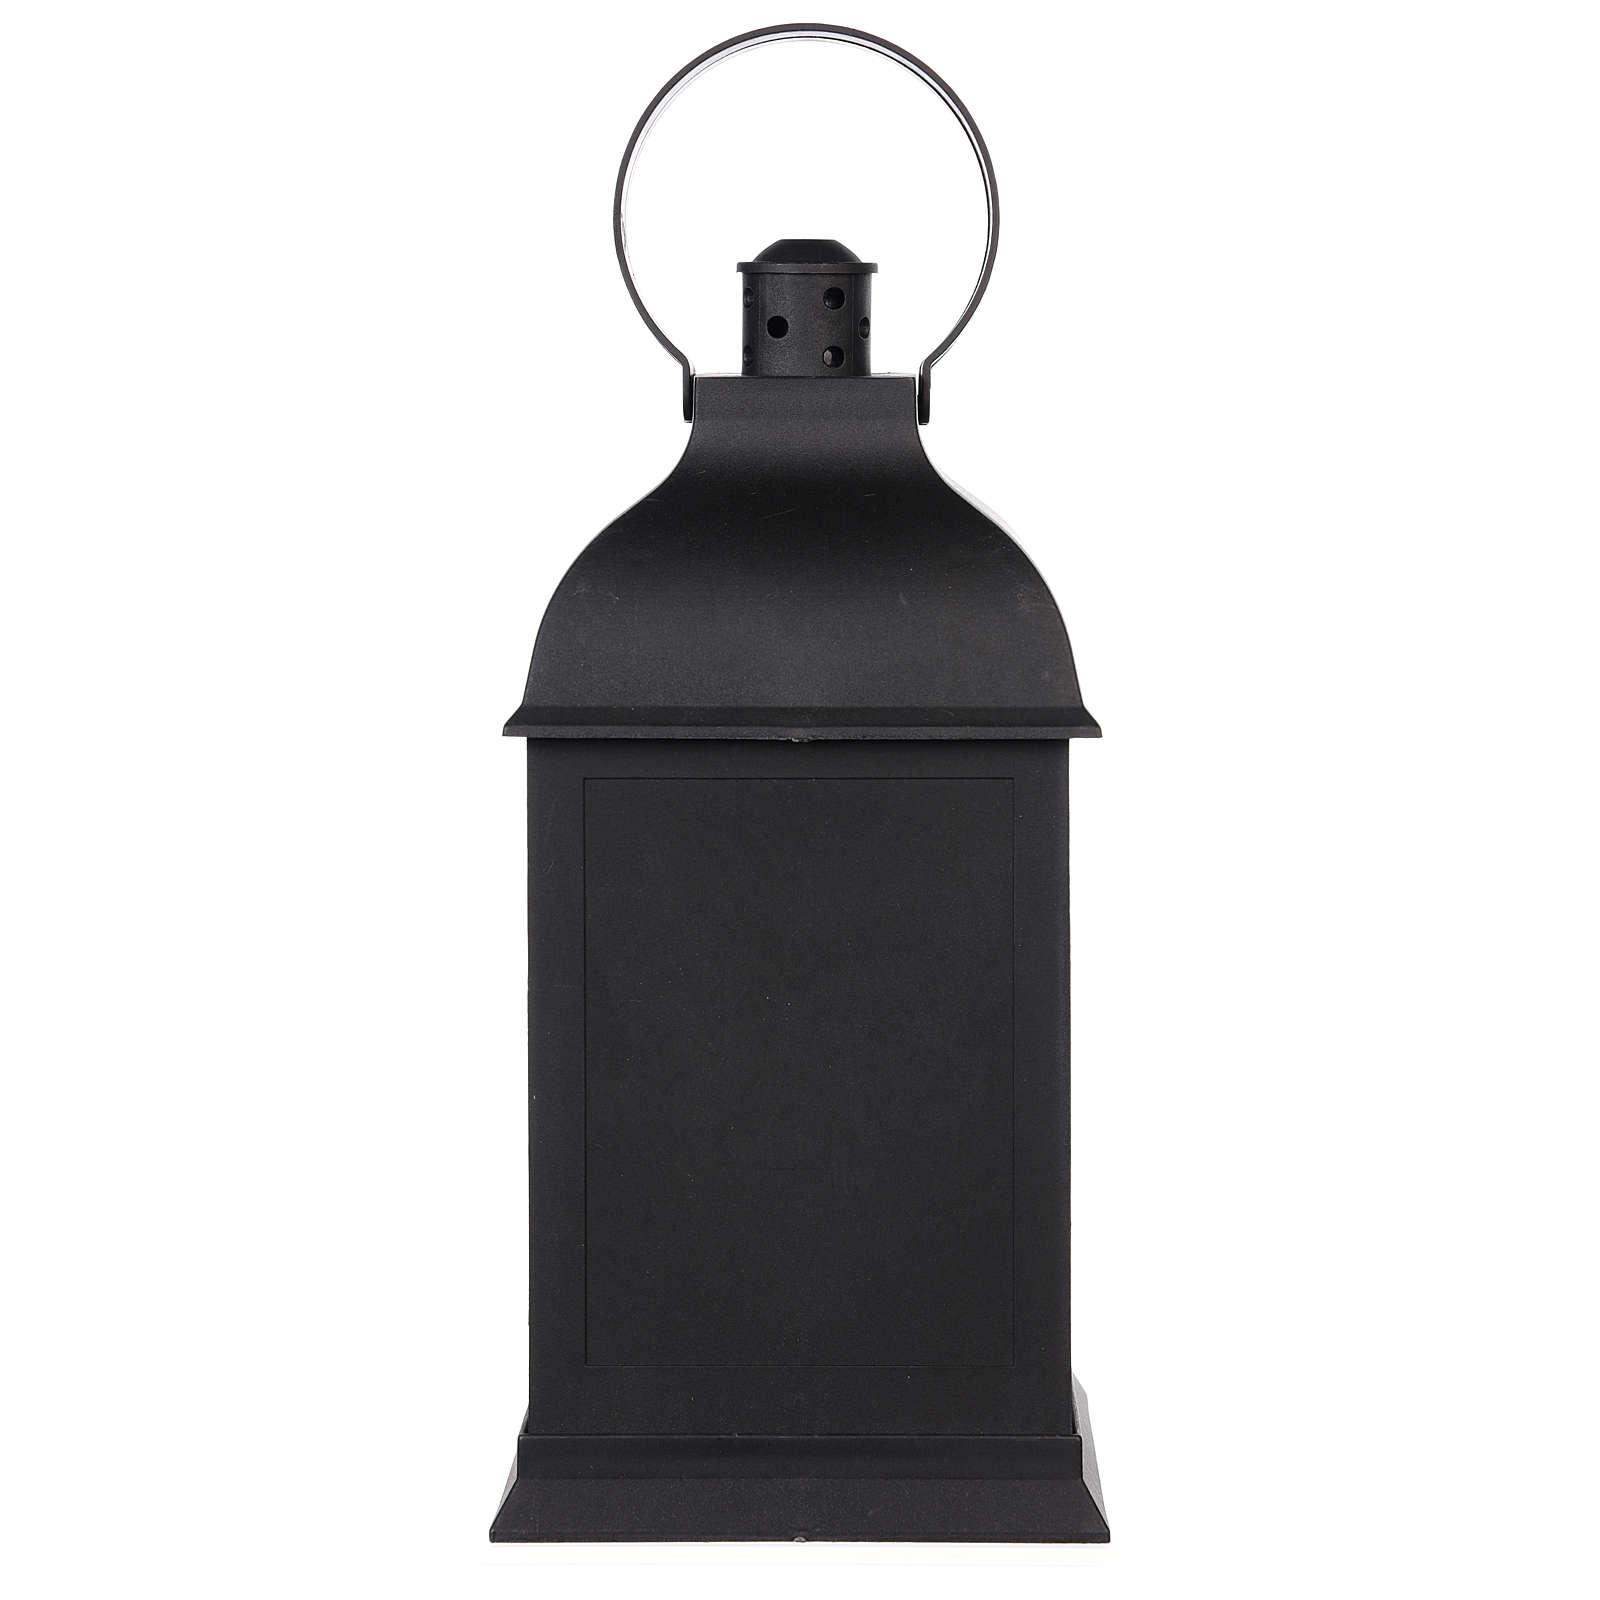 Caminetto Led a forma di lanterna 25x 10x10 3